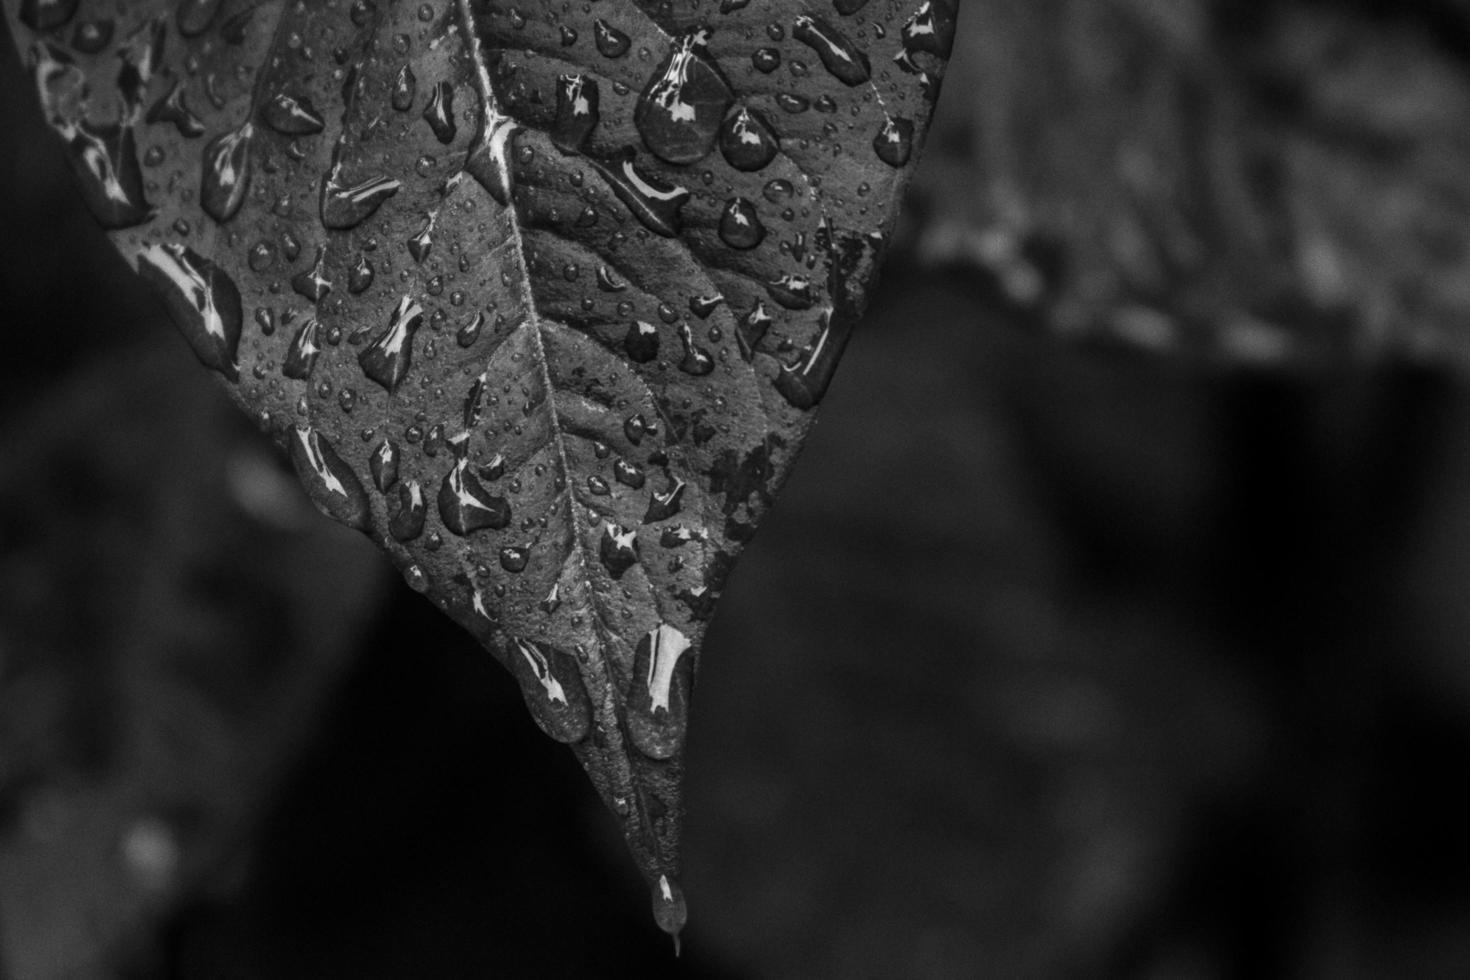 foto in scala di grigi di foglia bagnata